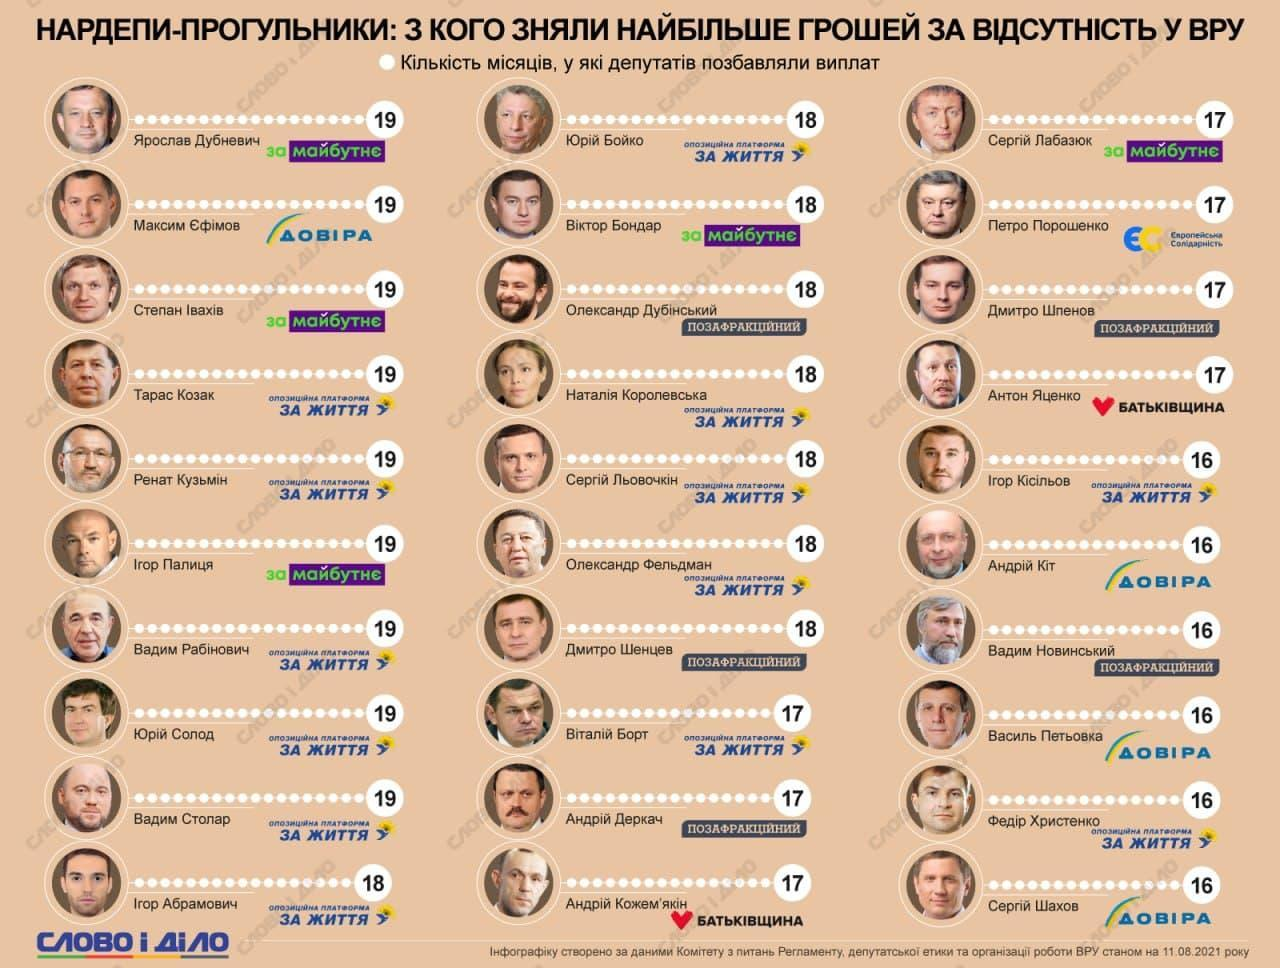 4 нардепа из Донецкой области систематически прогуливают работу. За это их лишают денег на расходы